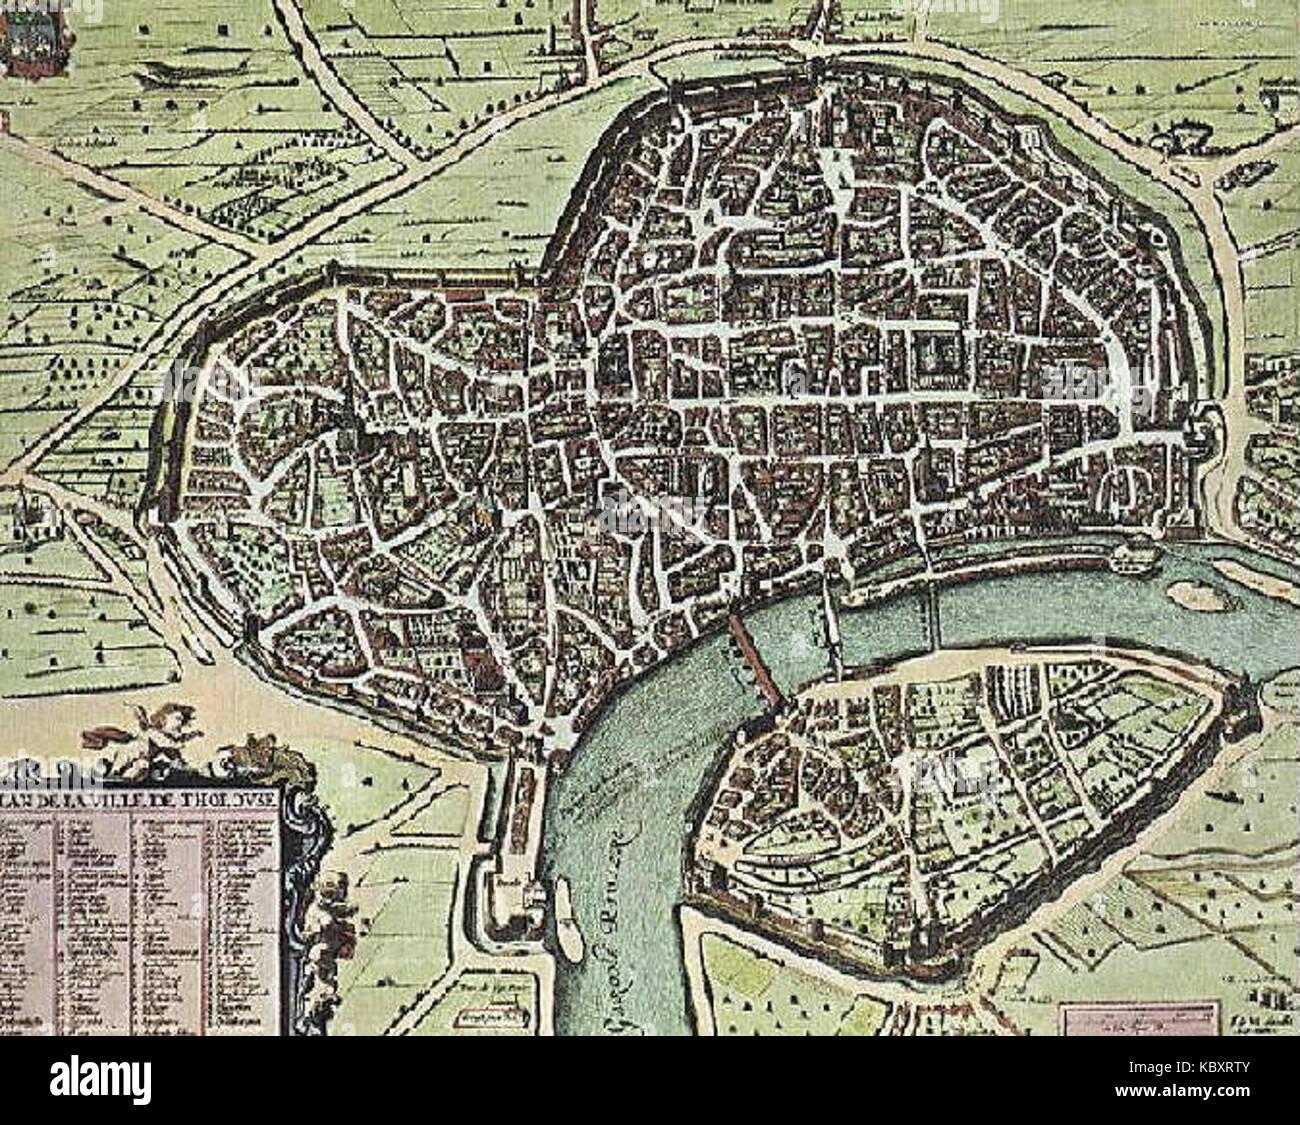 Toulouse Karte.Toulouse Karte 1631 Stock Photo 162244011 Alamy